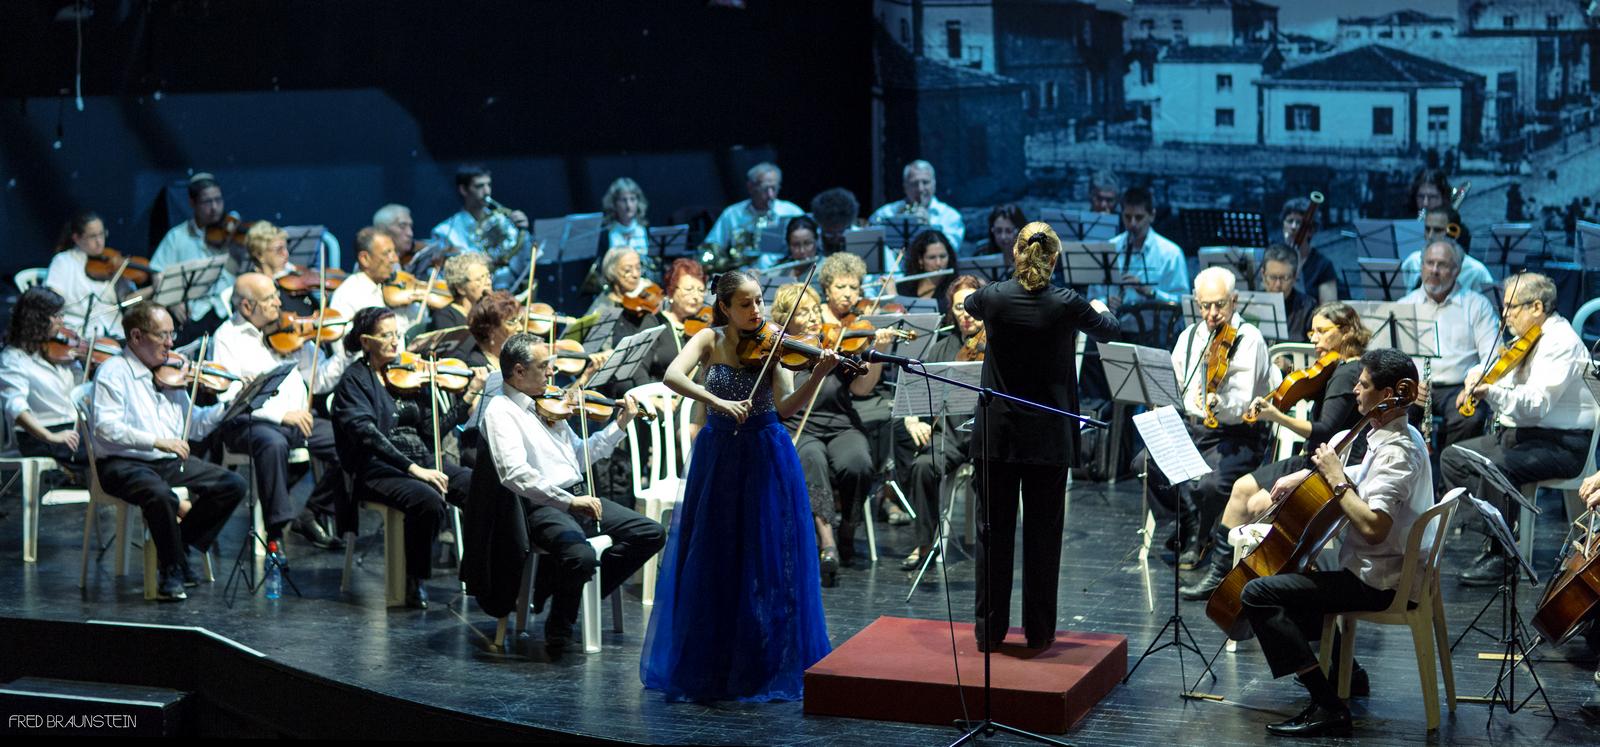 צילום הופעות וקונצרטים